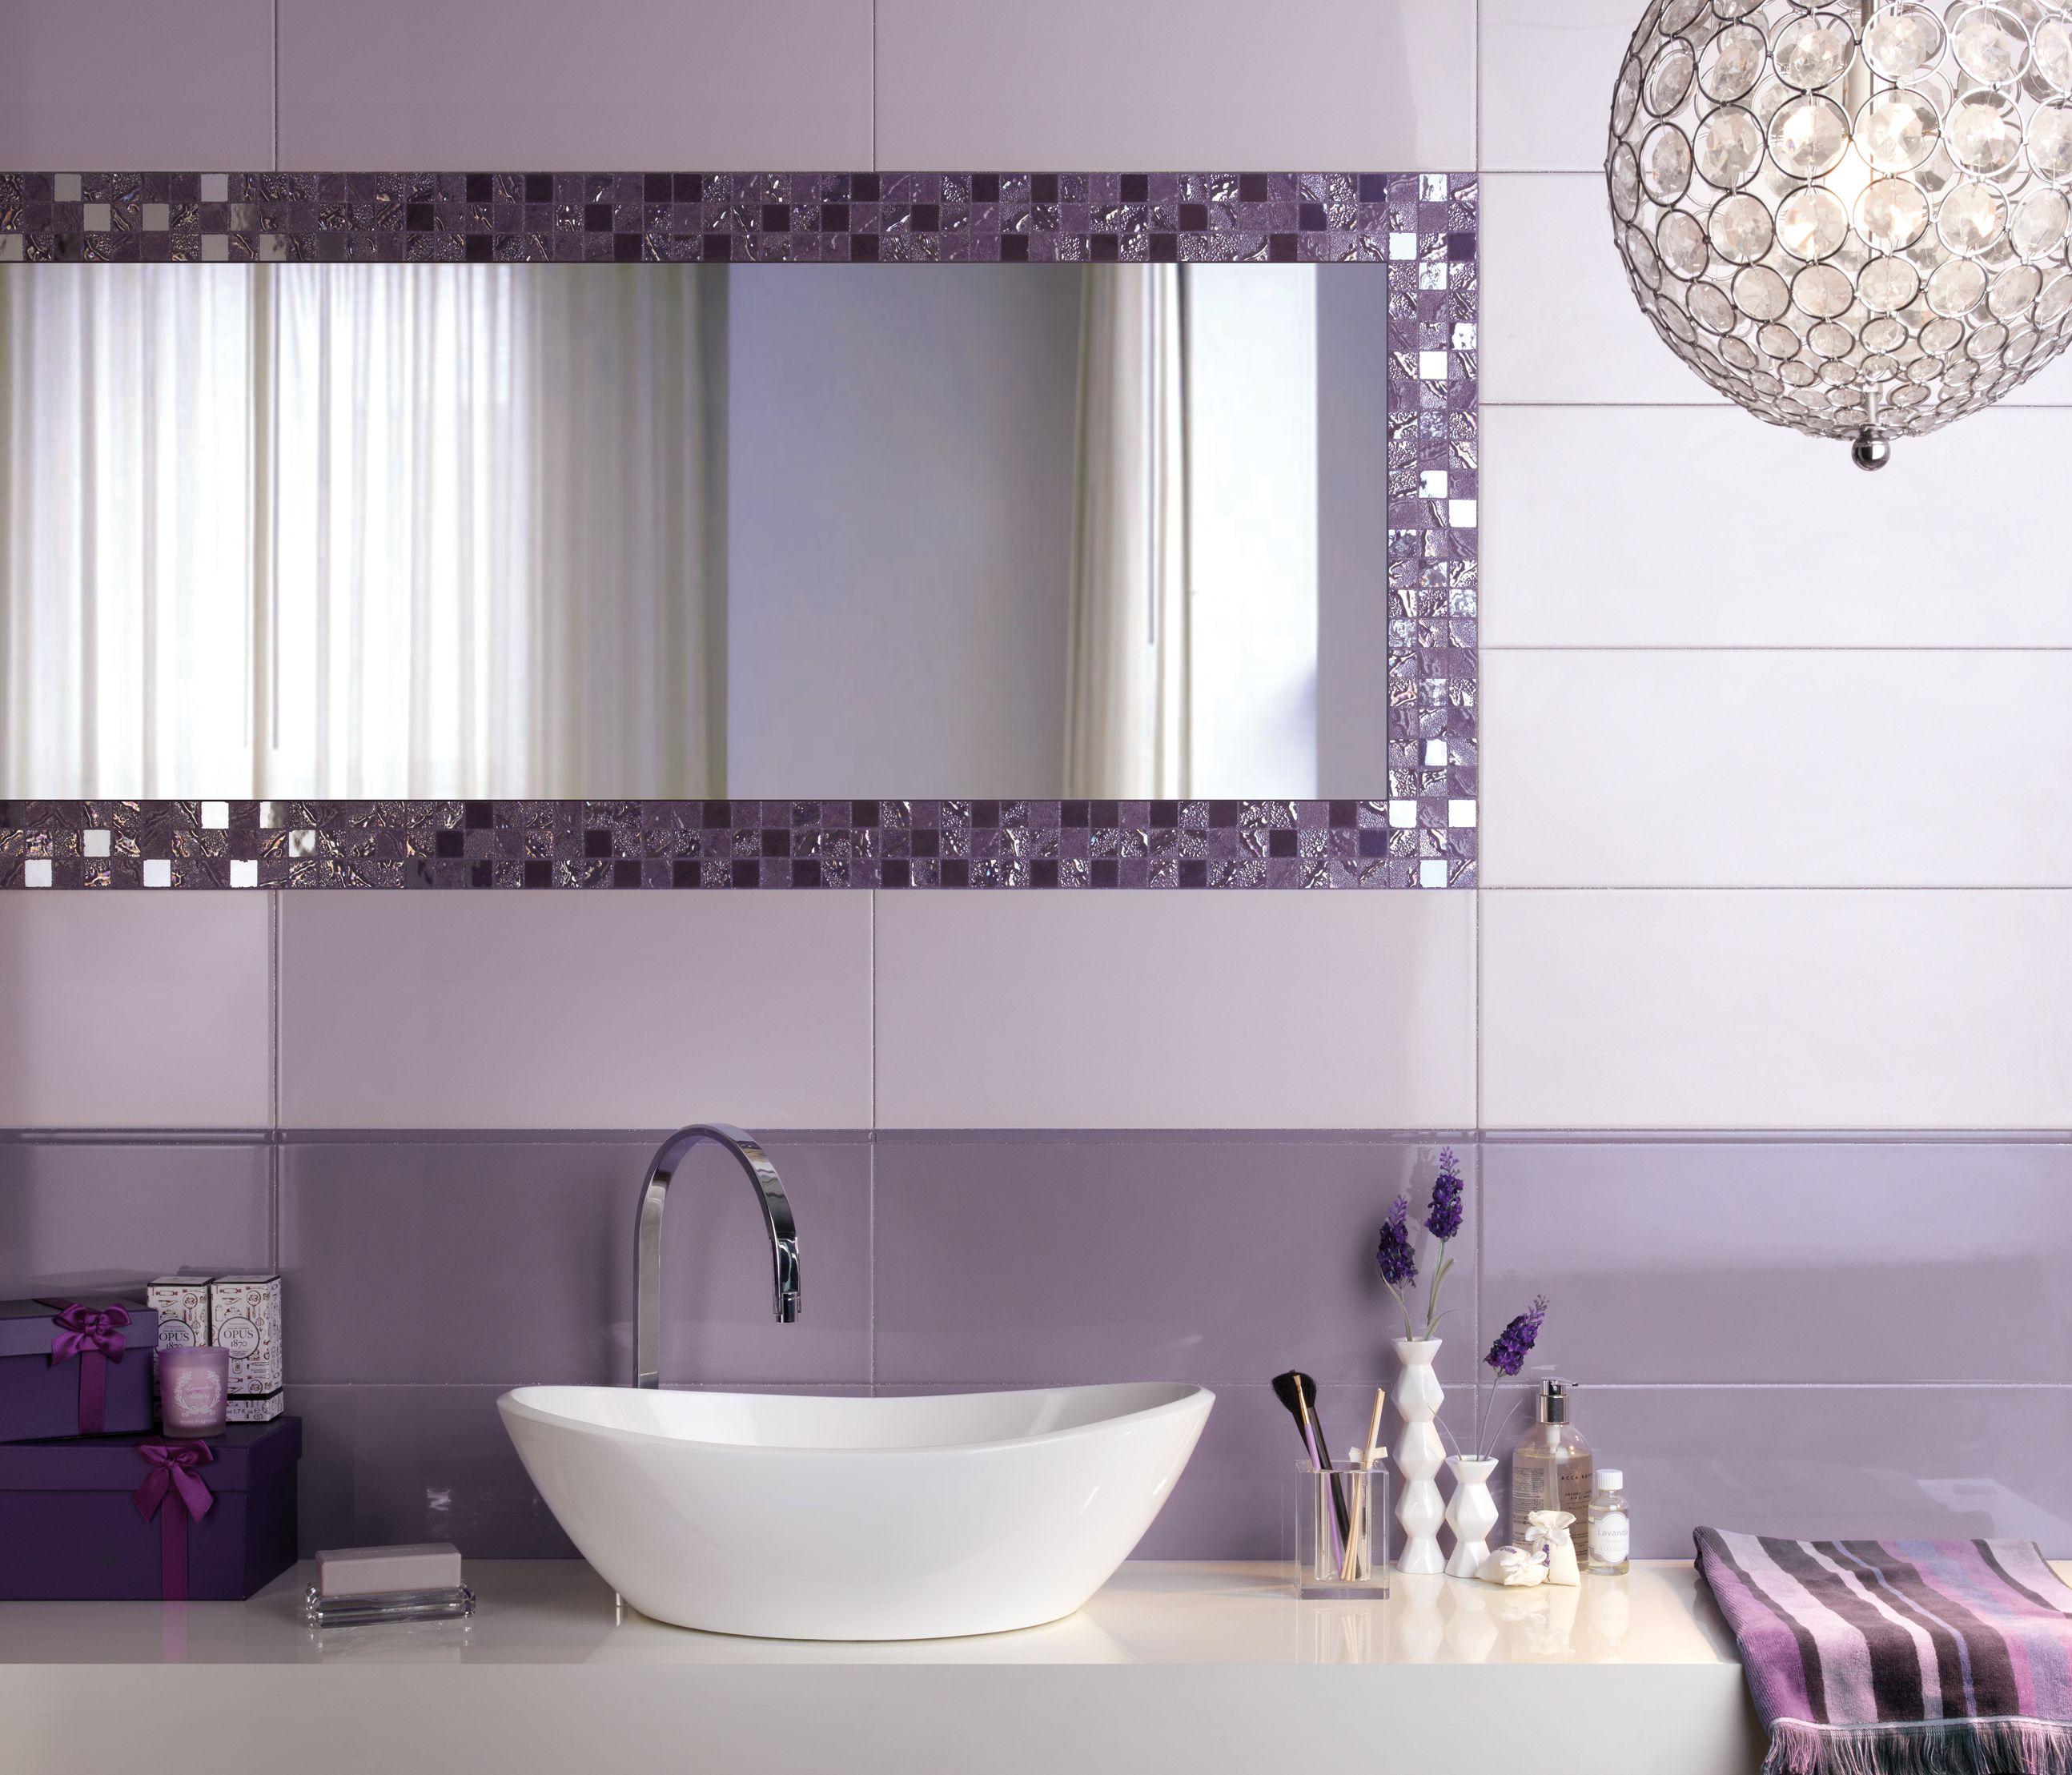 Piastrelle Bagno Mosaico Viola pin di estrella sayyid su baño y labadero | idee per il